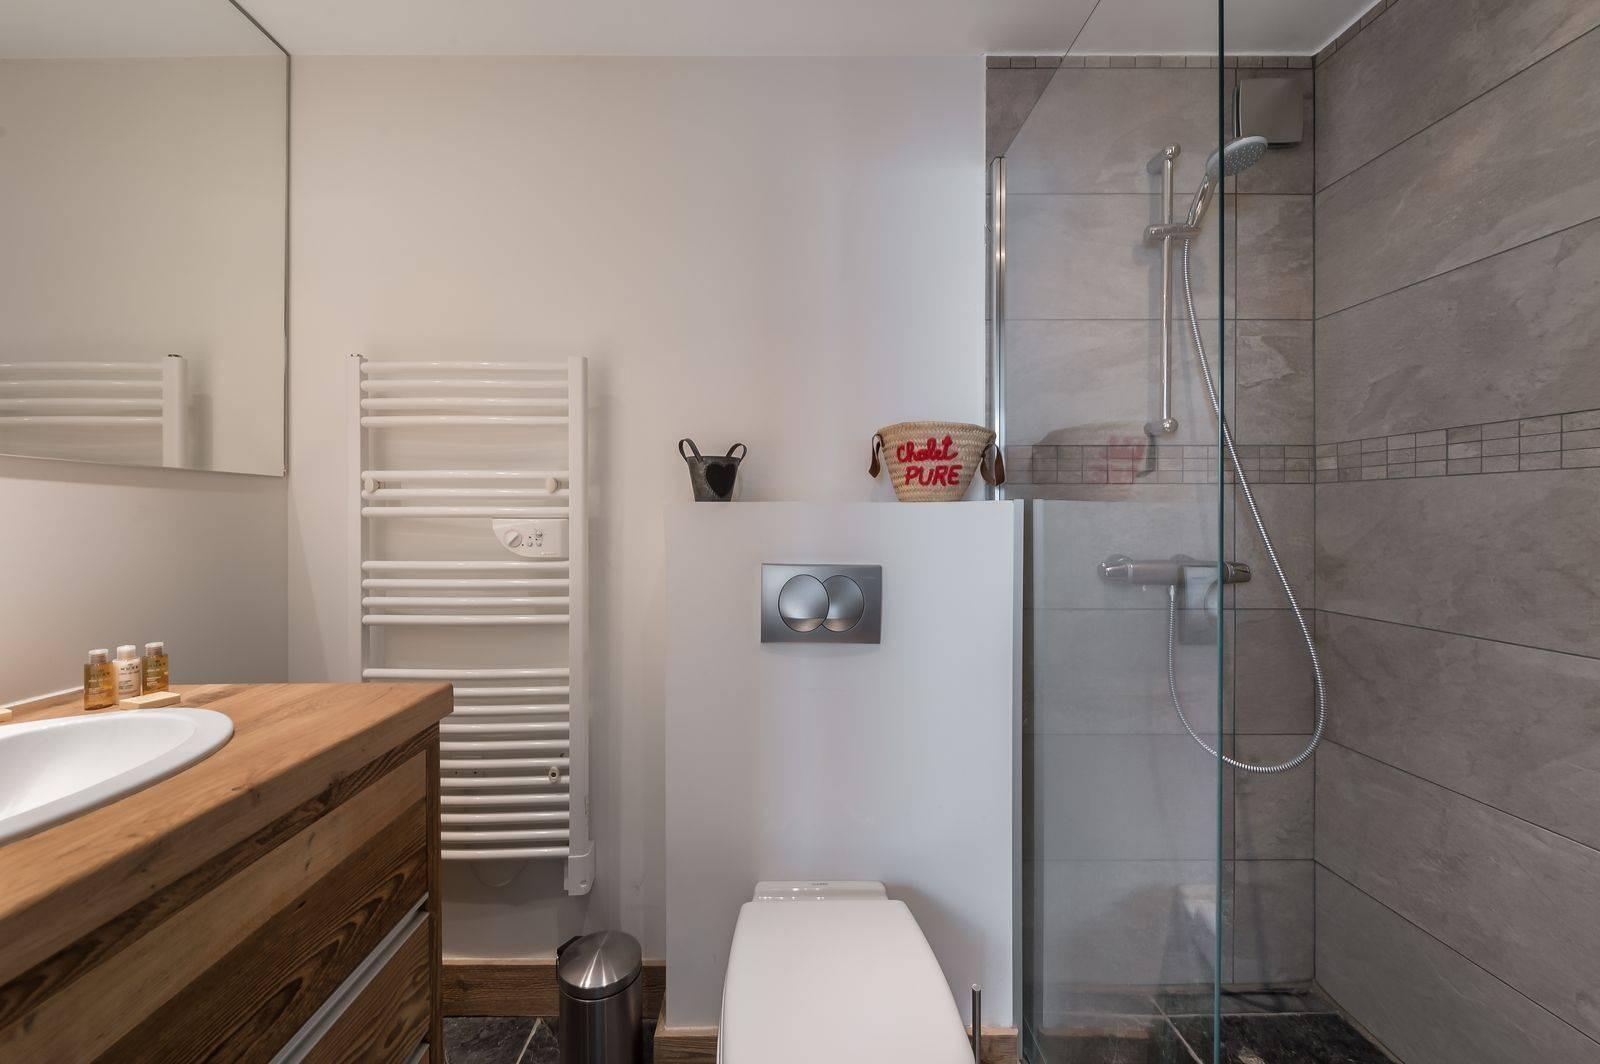 Courchevel 1300 Location Appartement Luxe Tilure Salle De Bain 4